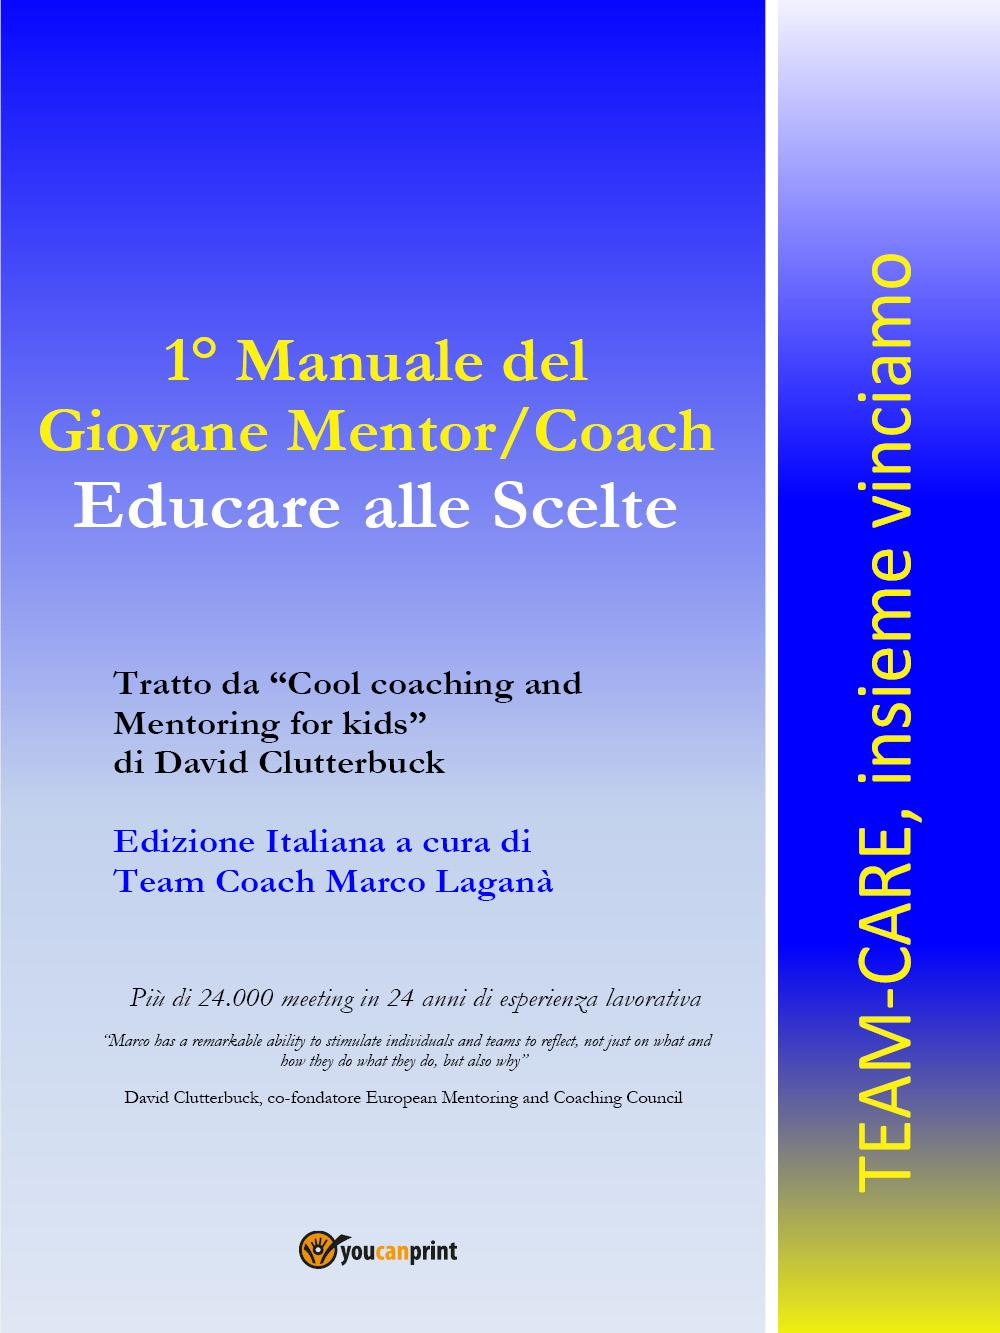 1° Manuale del giovane Mentor/Coach. Educare alle scelte